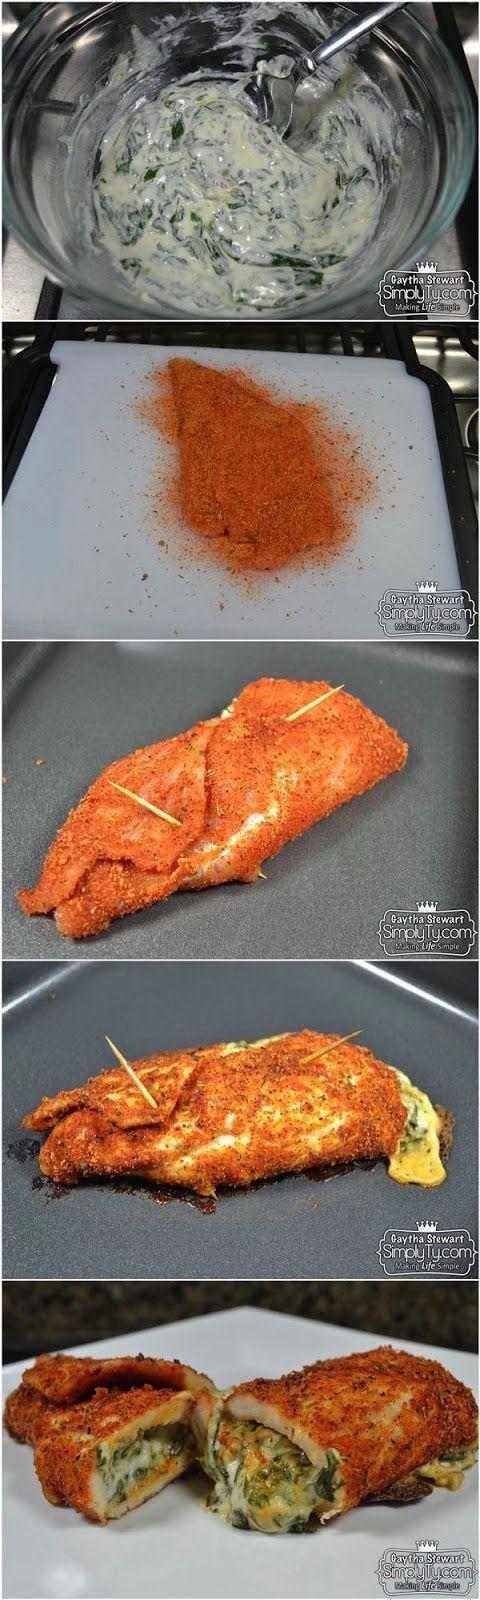 Pechuga de pollo rellena.